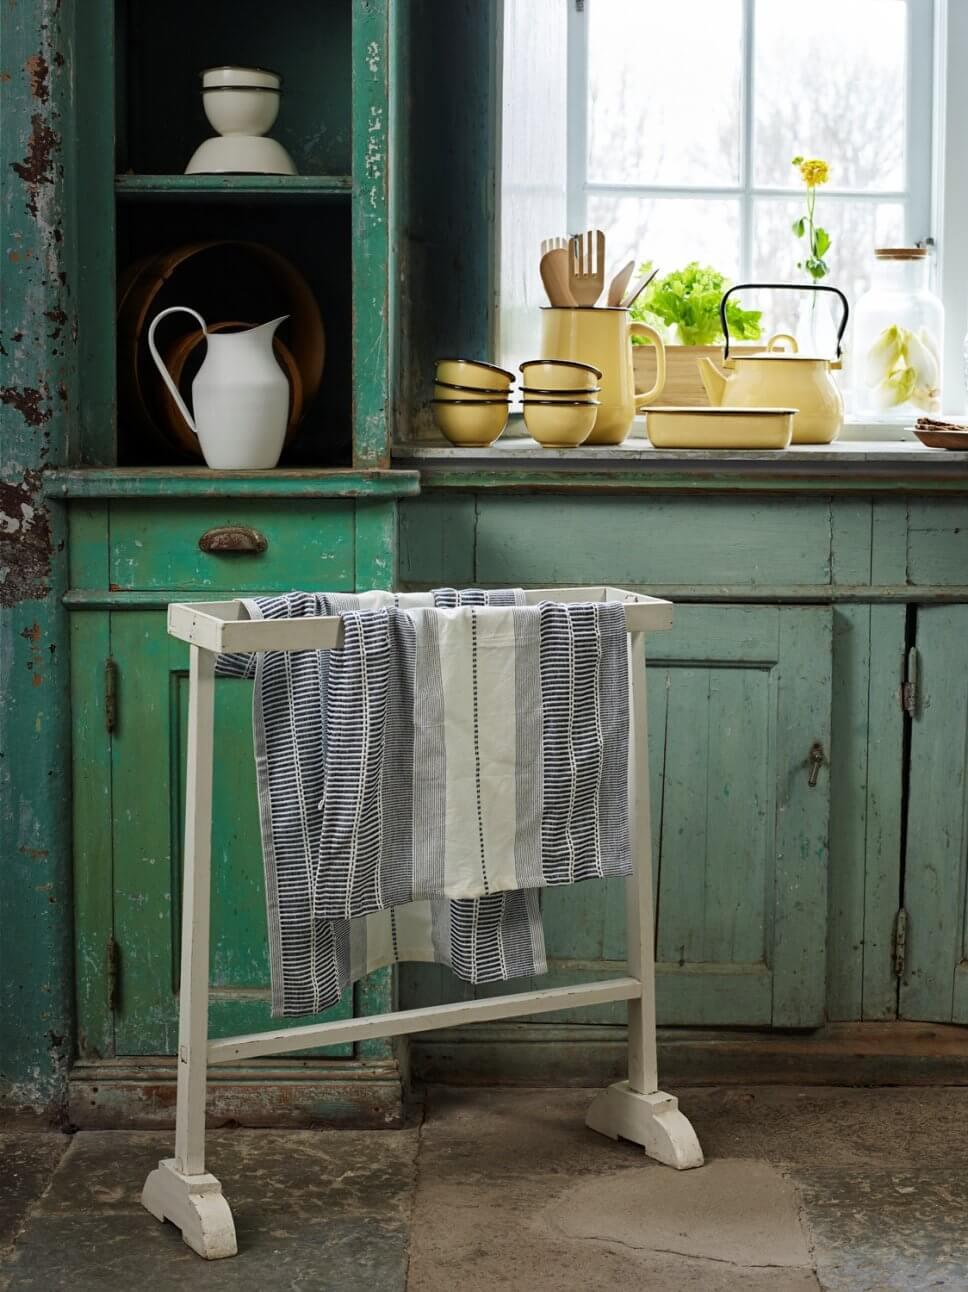 Grüne Landhausküche mit verschiedenen Geschirrtüchern